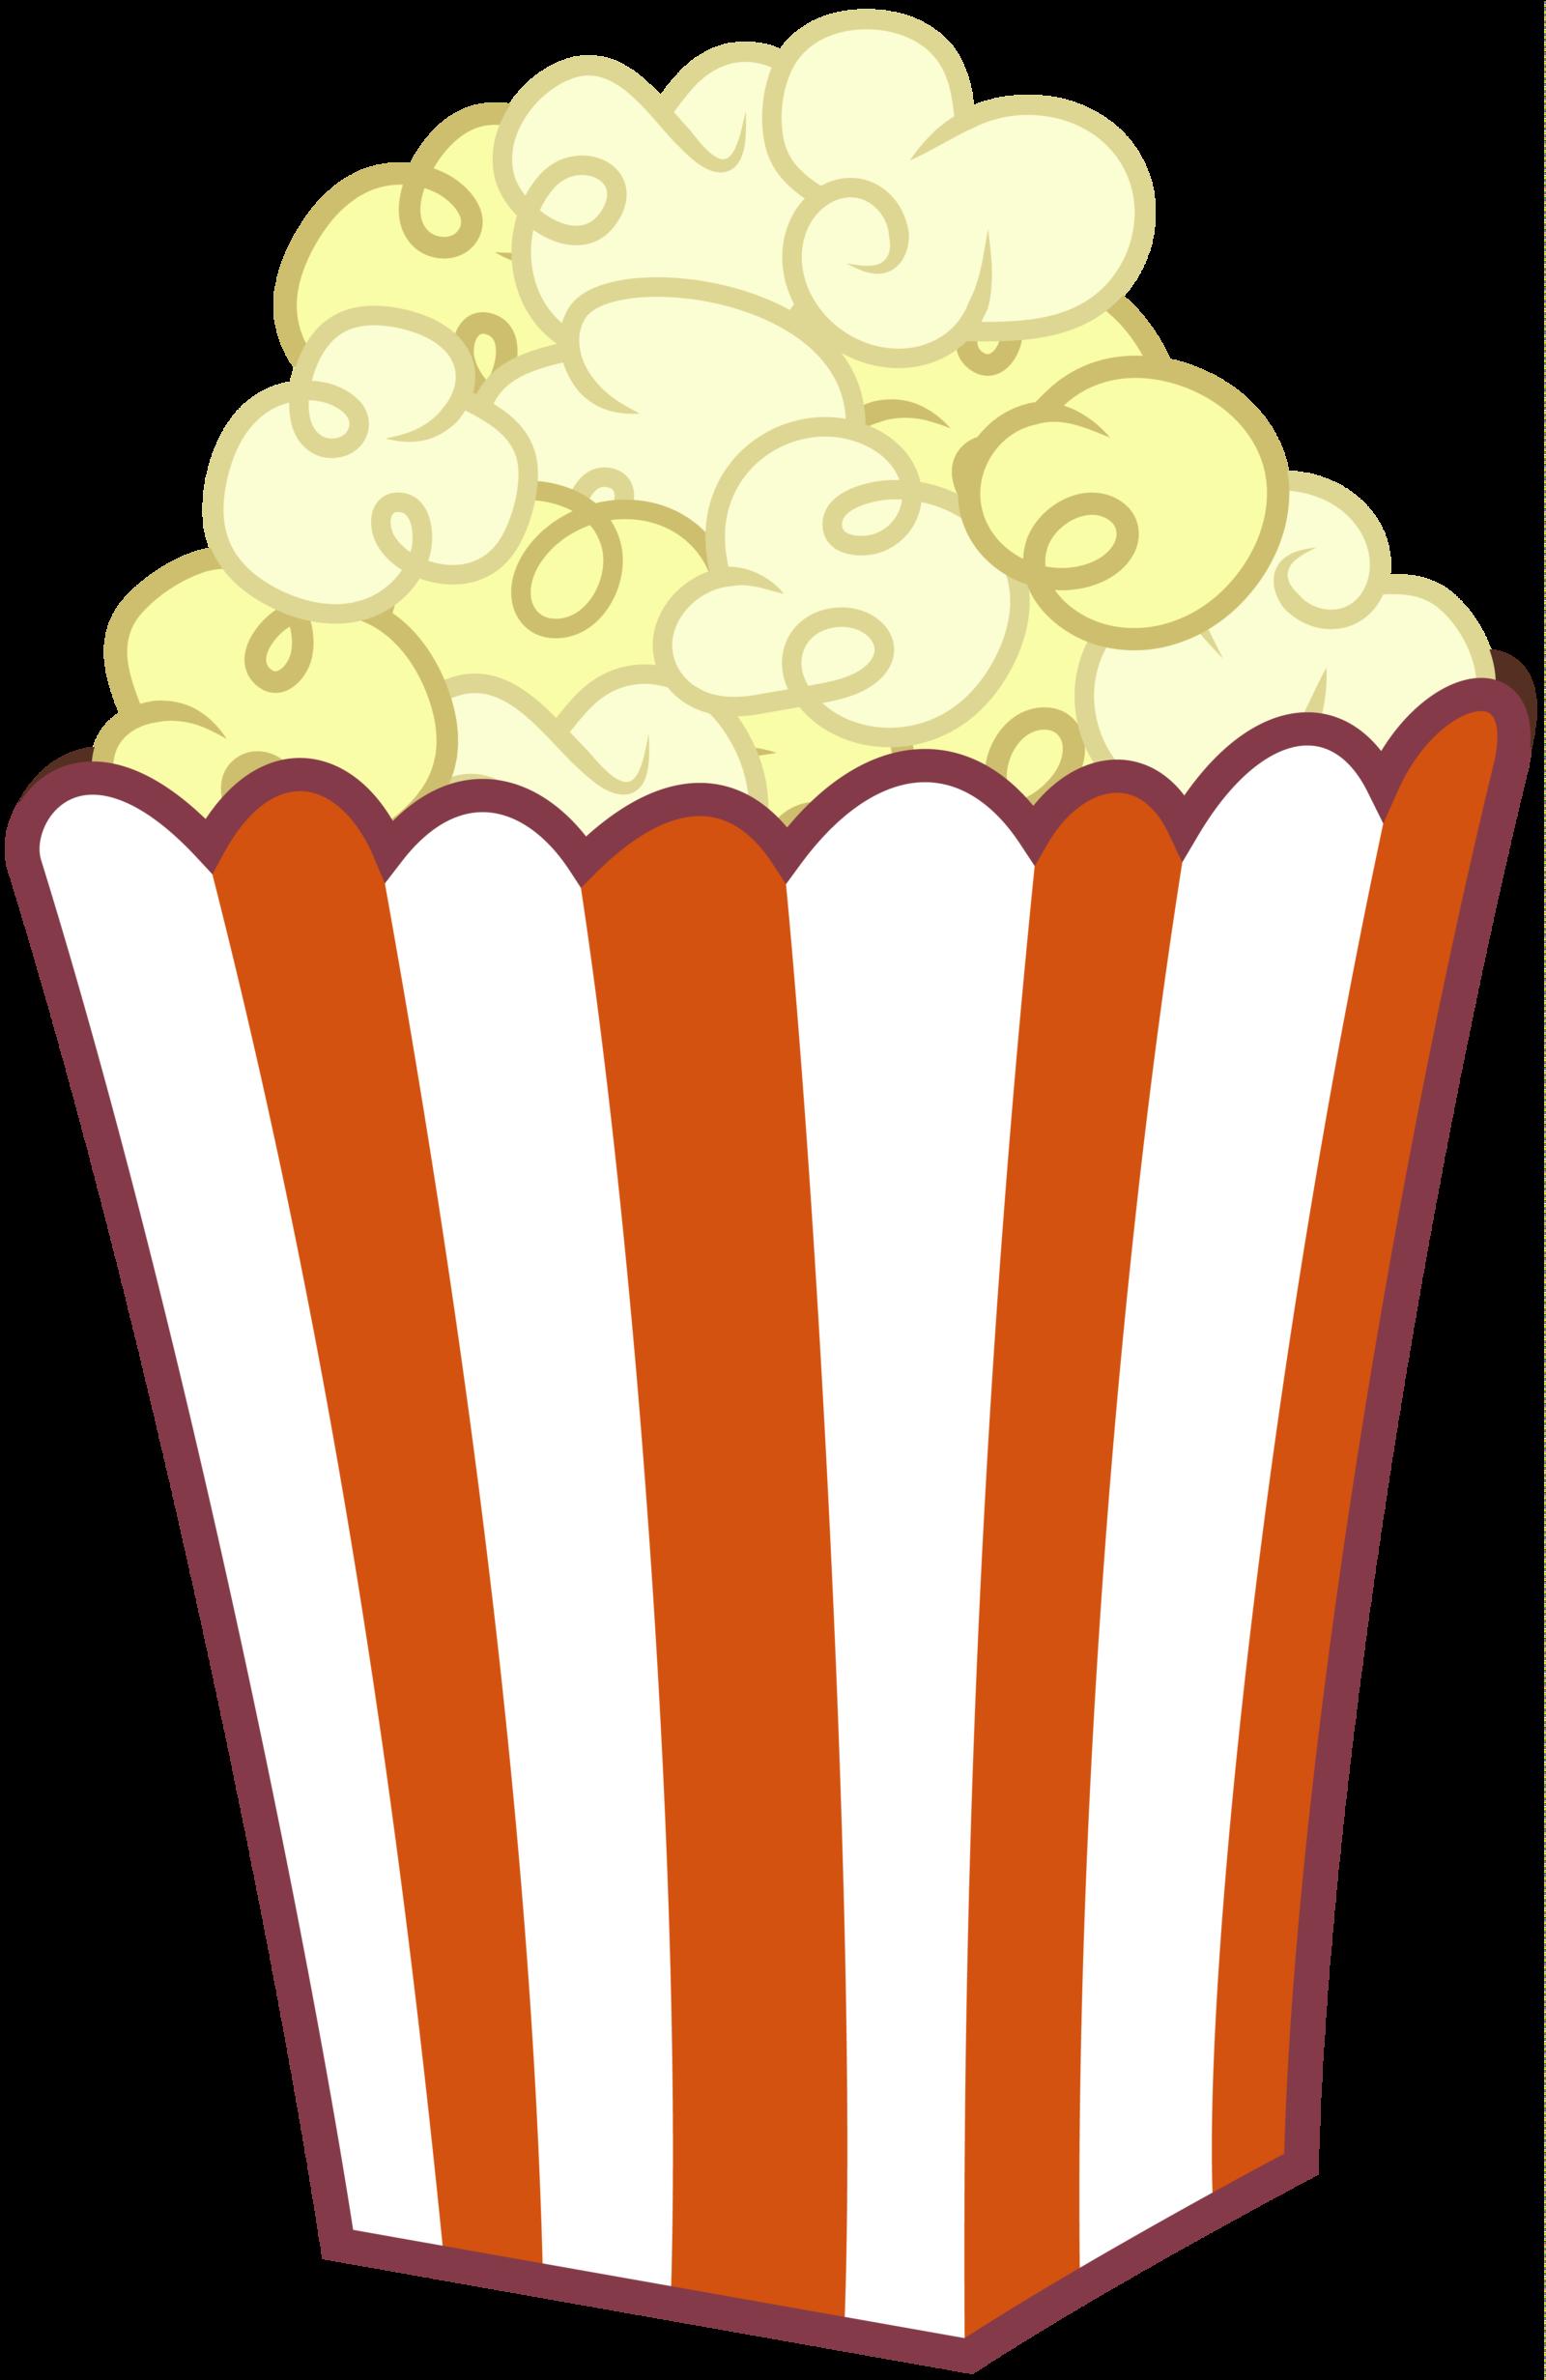 Popcorn  black and white carnival popcorn clip art clipart 2